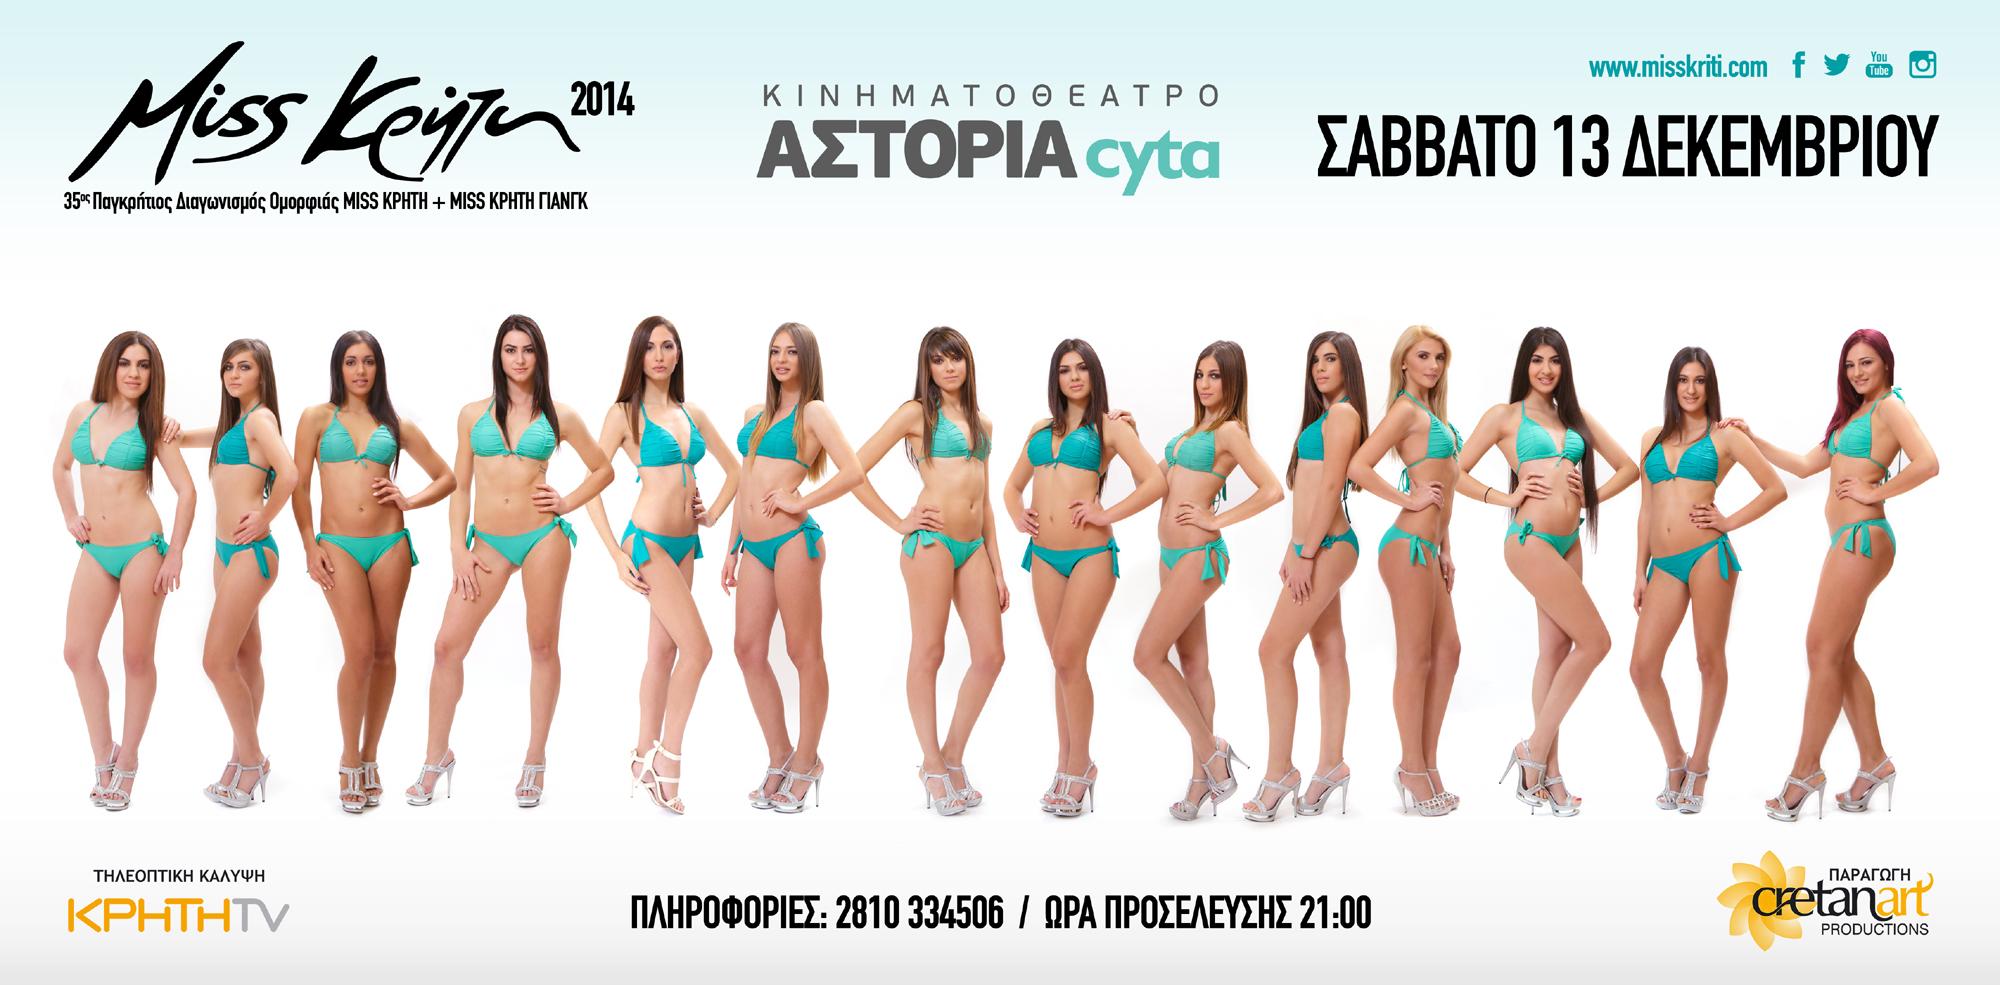 Miss kriti 2014_Poster net